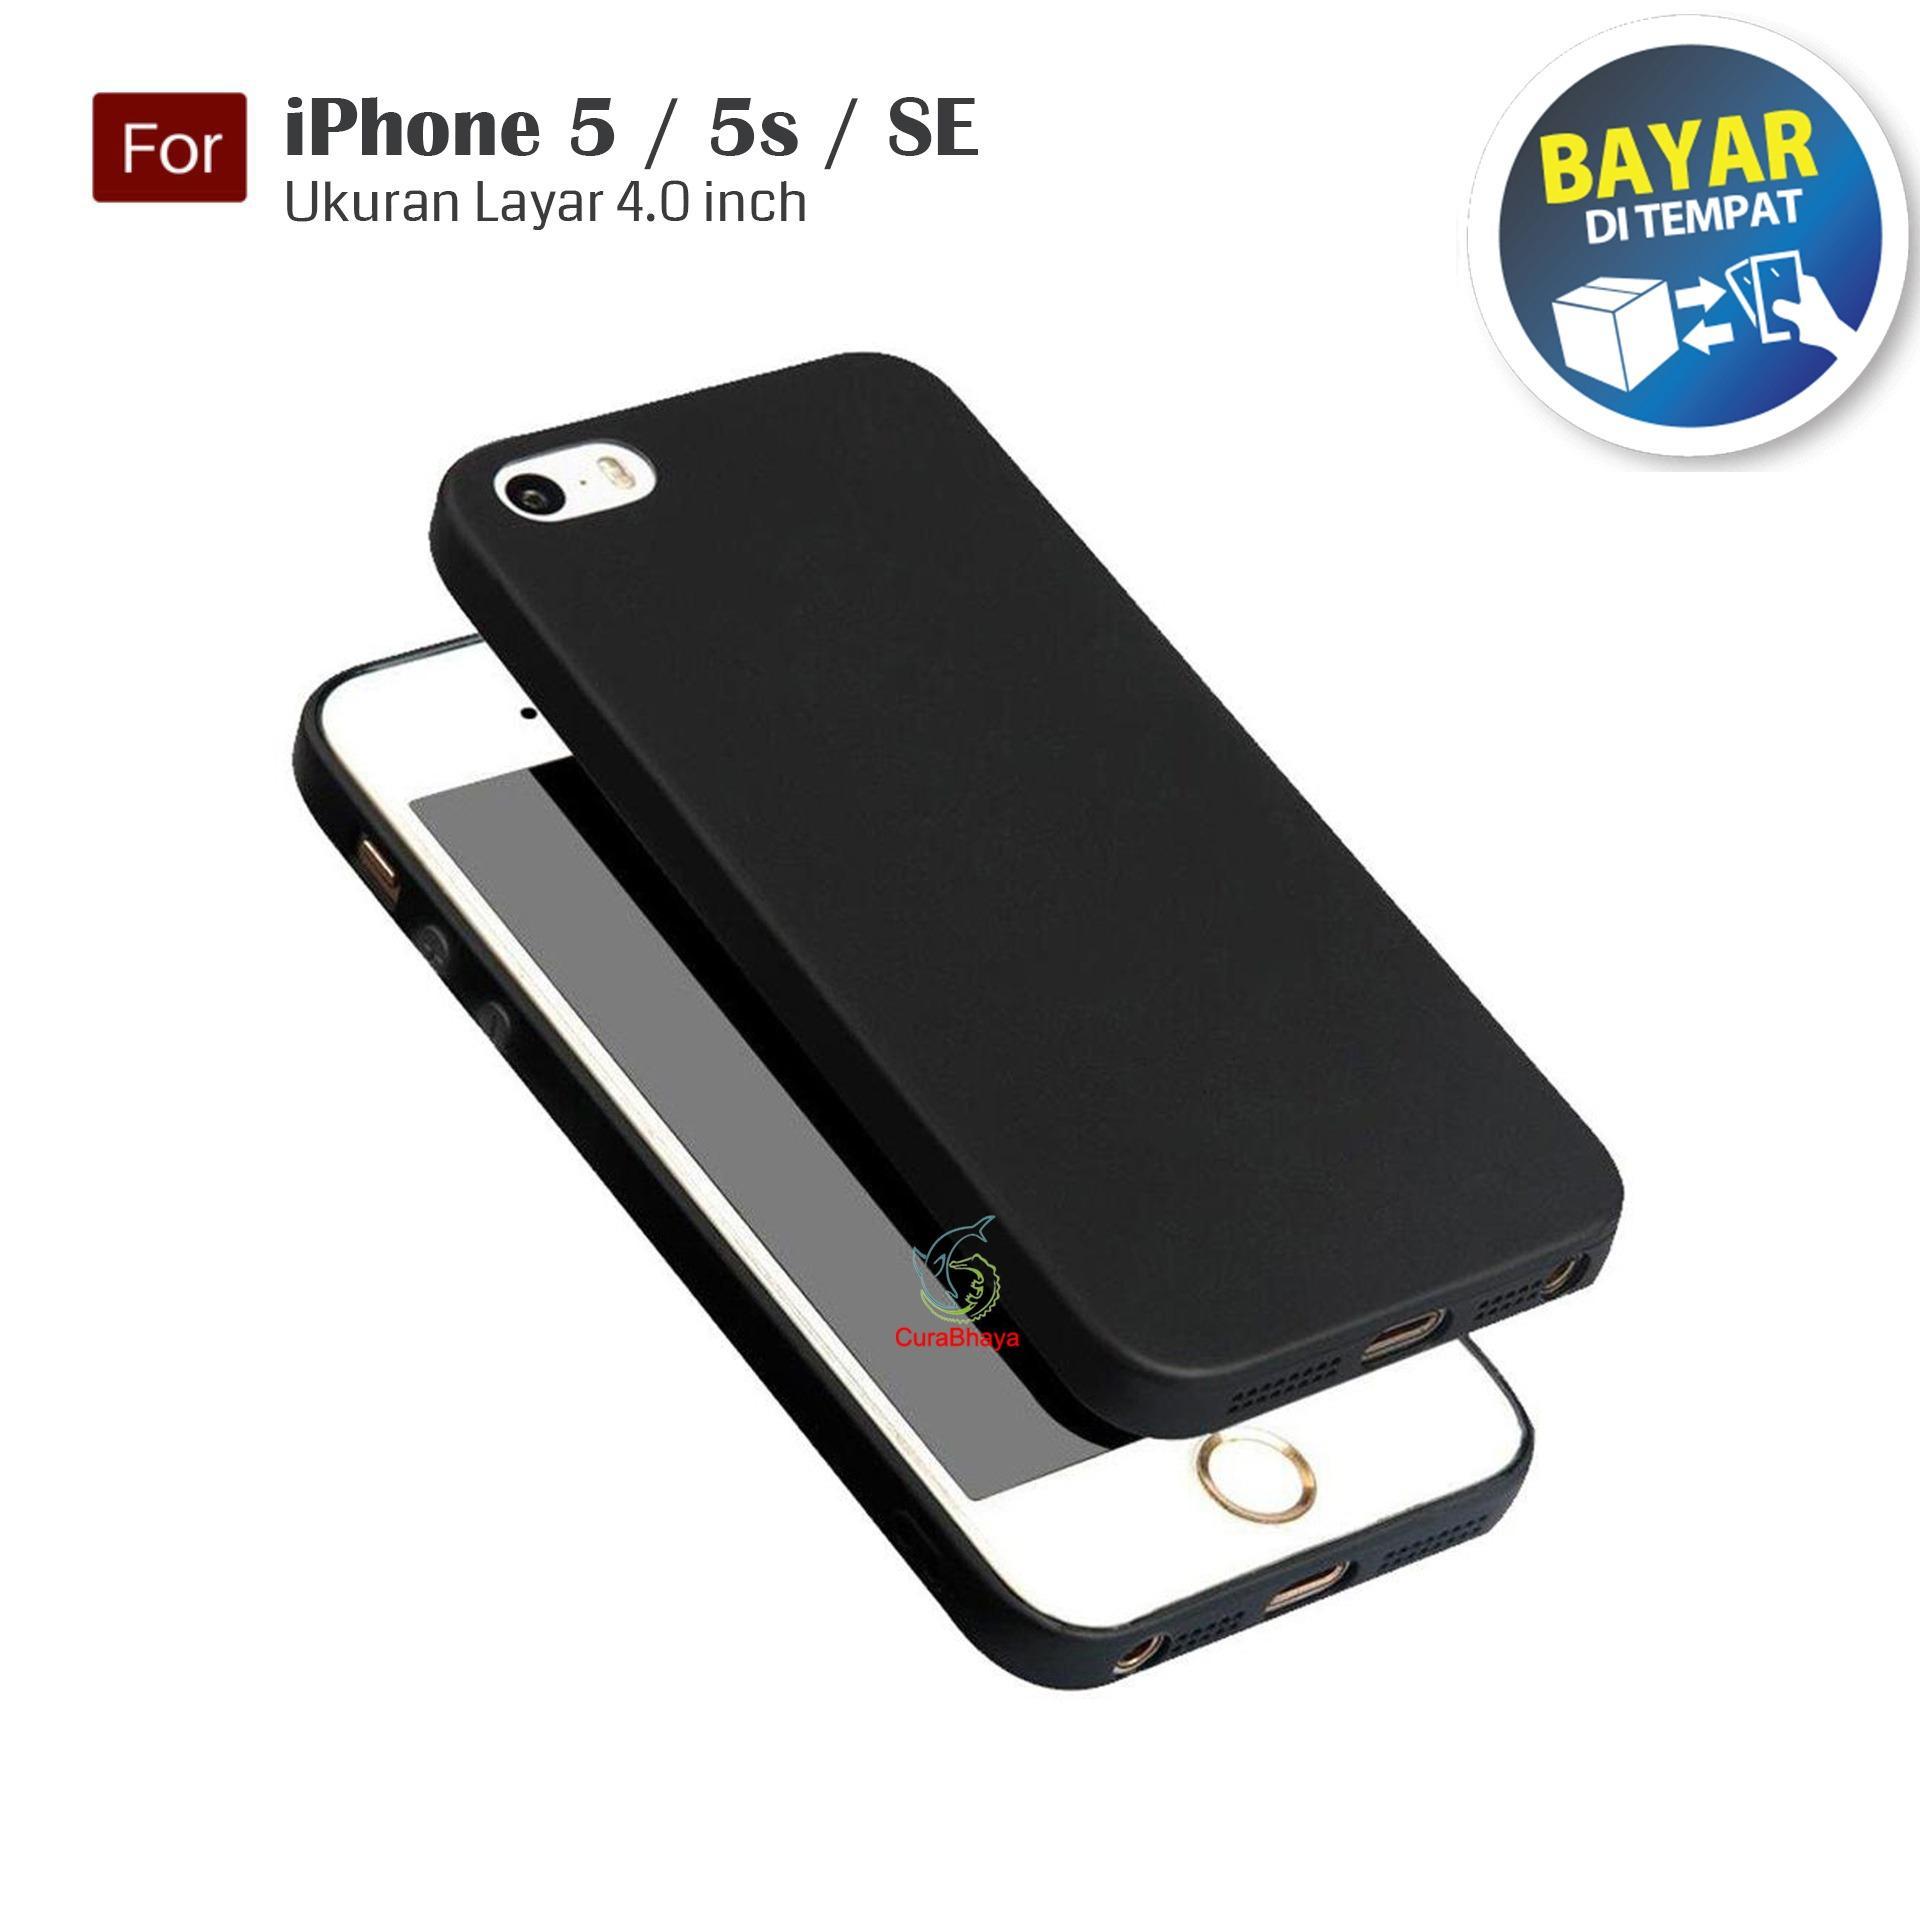 MidNight iPhone 5 / 5G / 5S / SE | Slim Case Black Matte Softcase Premium Baby Skin - Hitam